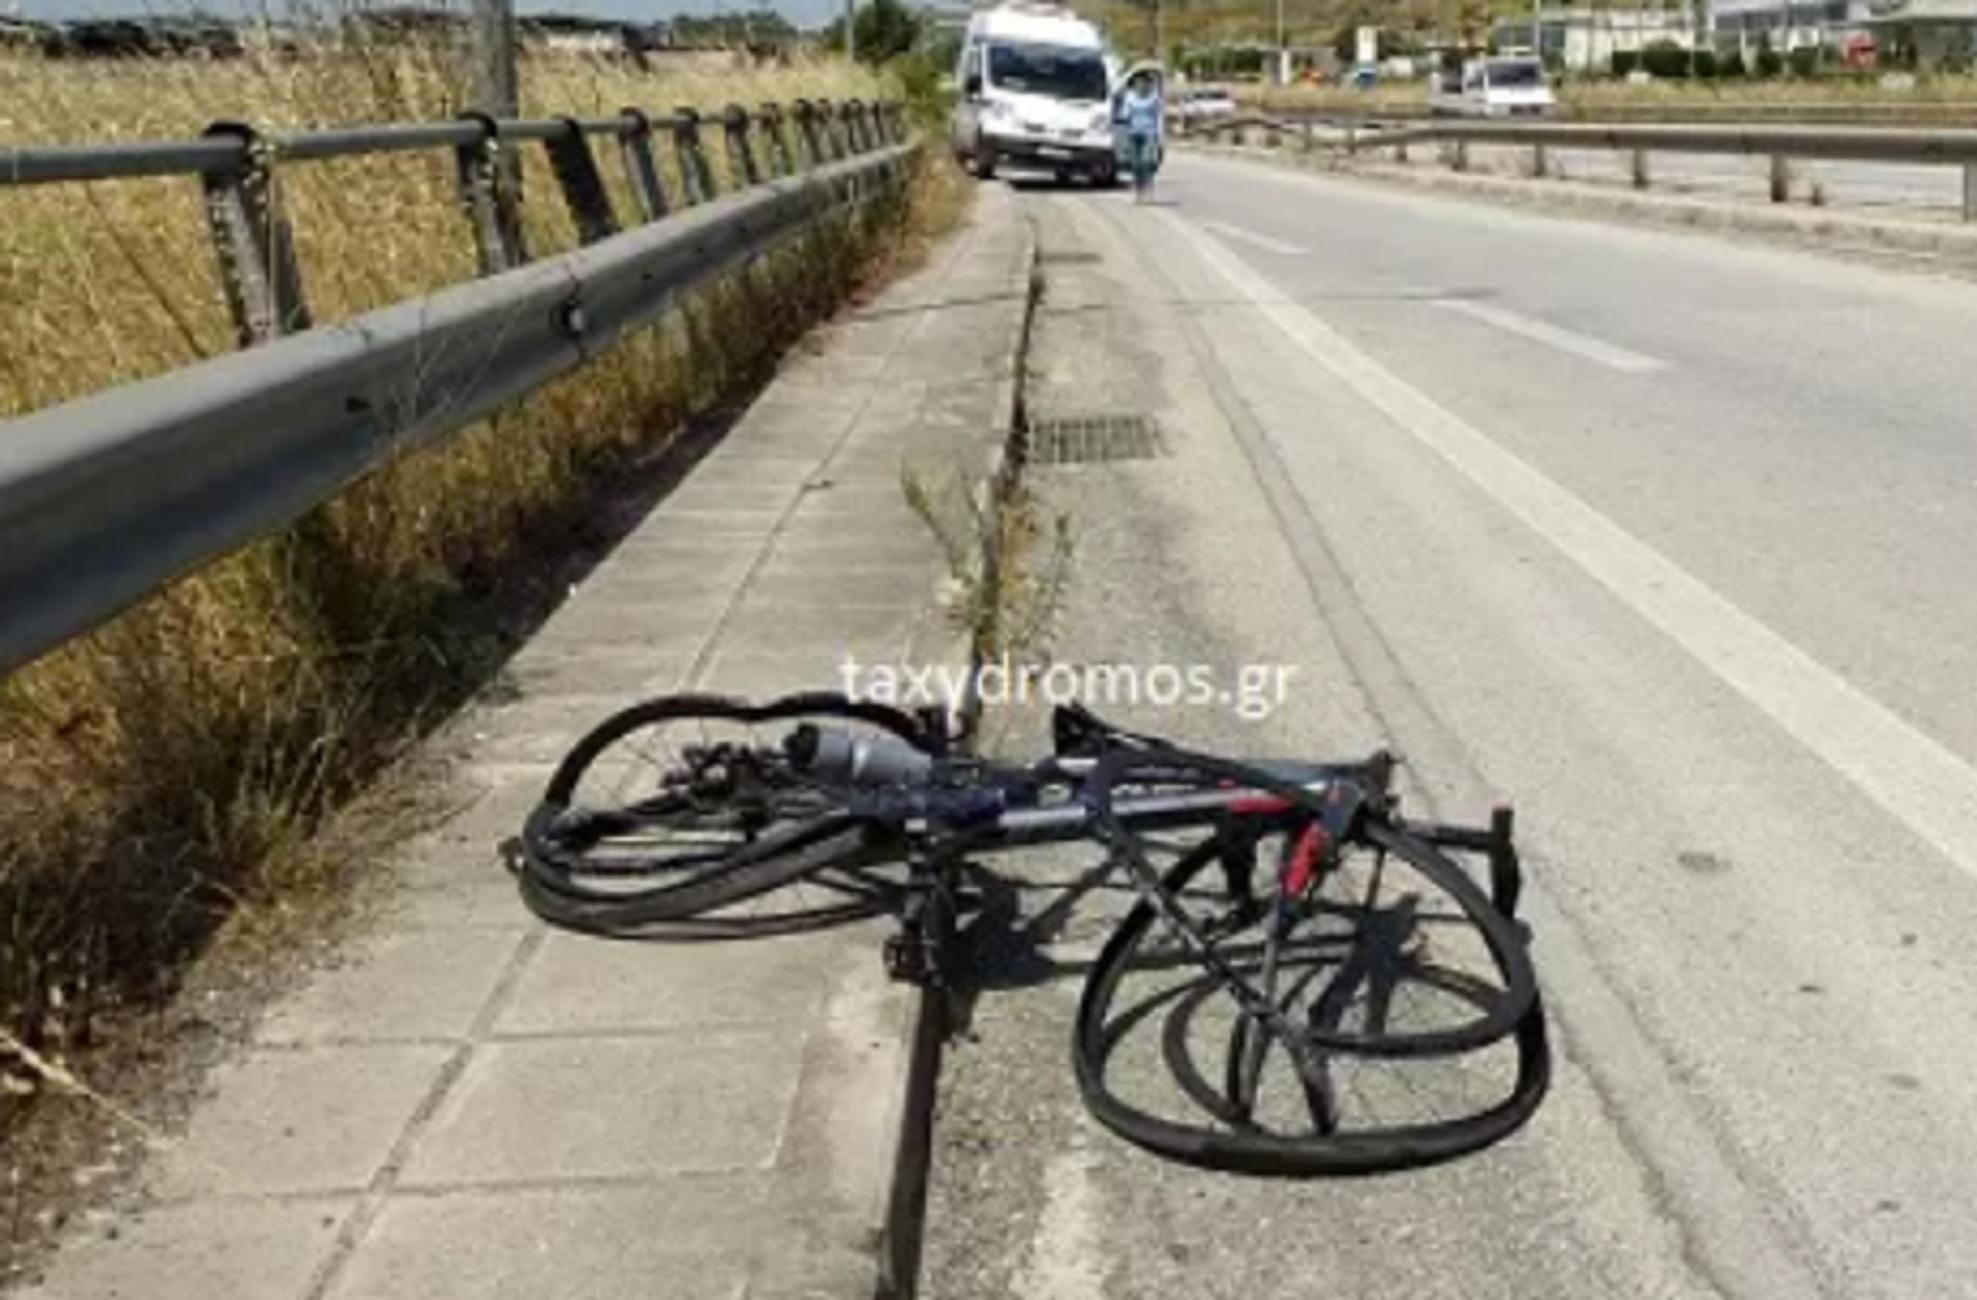 Βόλος: Παρέσυρε, σκότωσε και εγκατέλειψε ποδηλάτη σε αυτό το σημείο – Άφαντος ο οδηγός (pics)